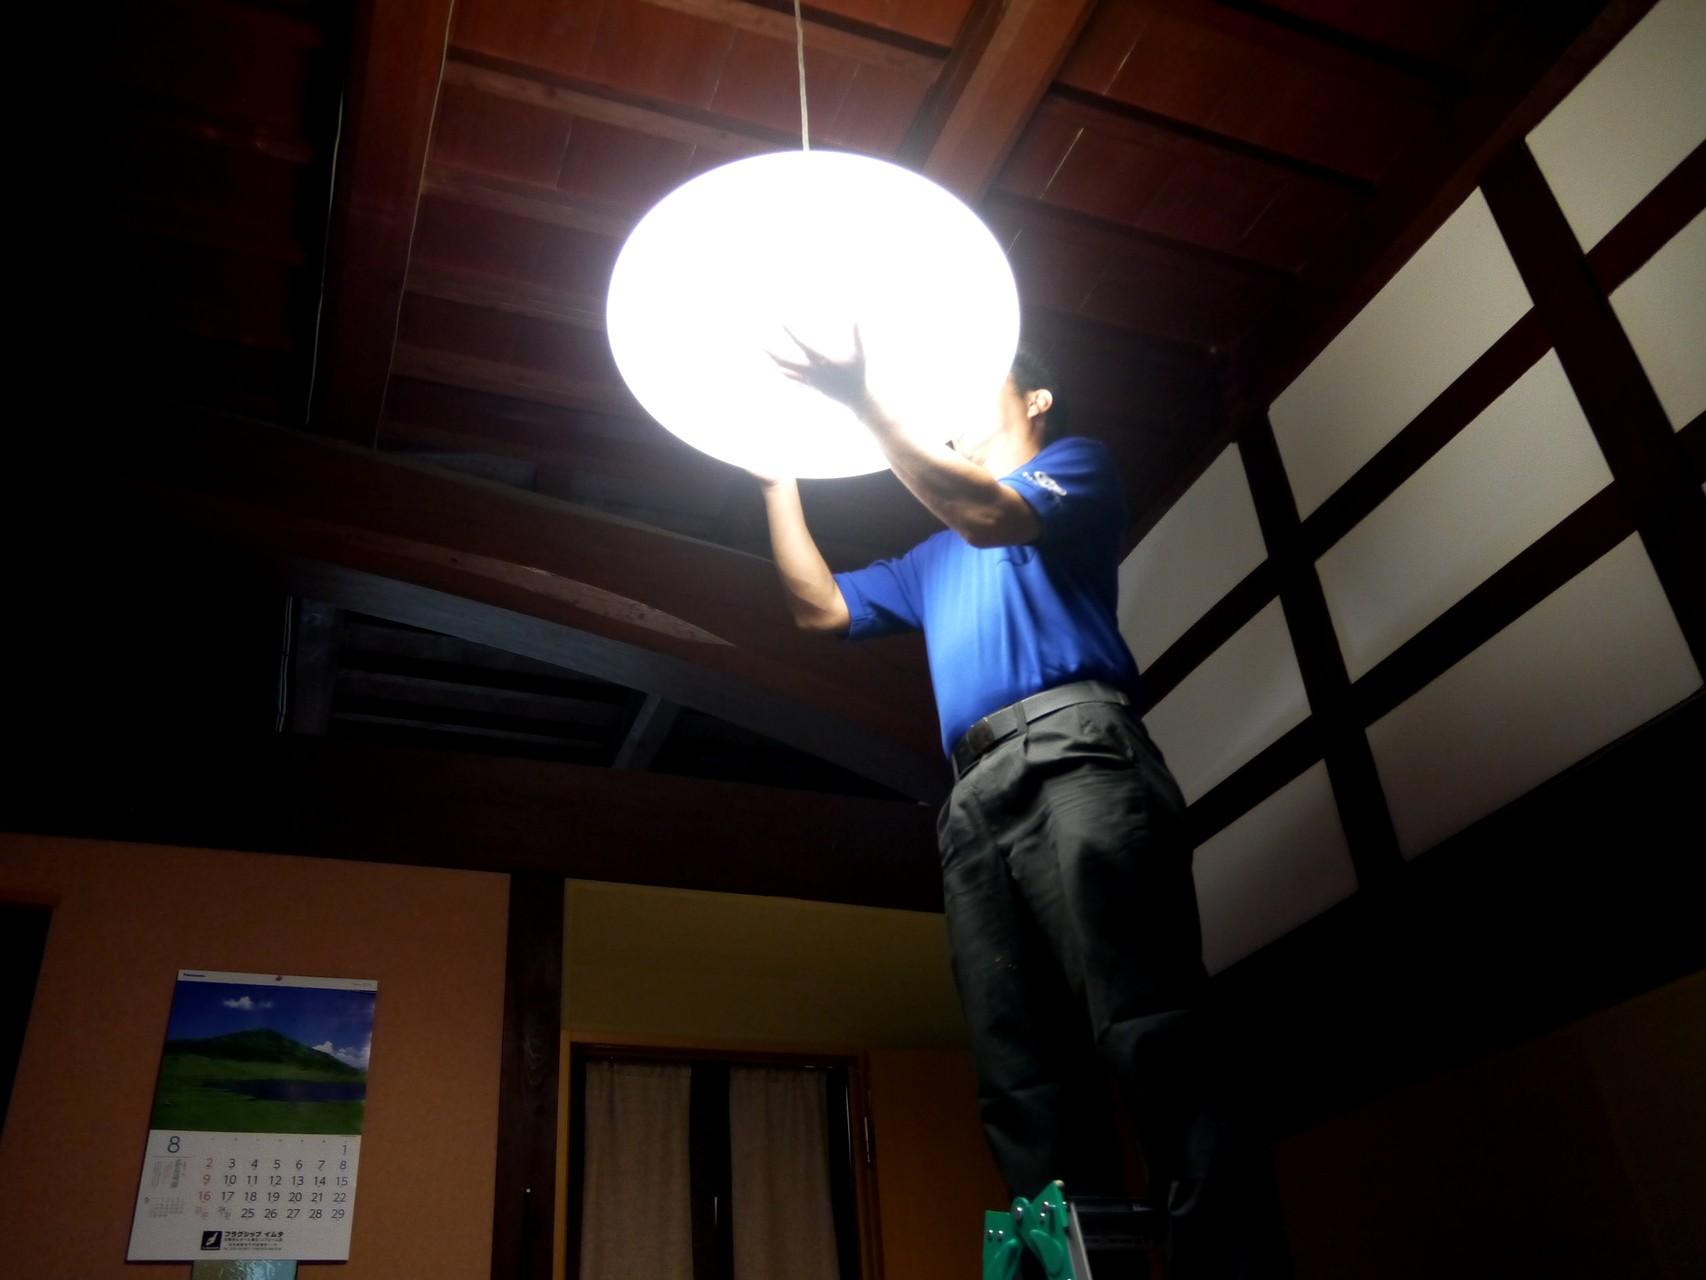 照明器具取付、交換いたします。